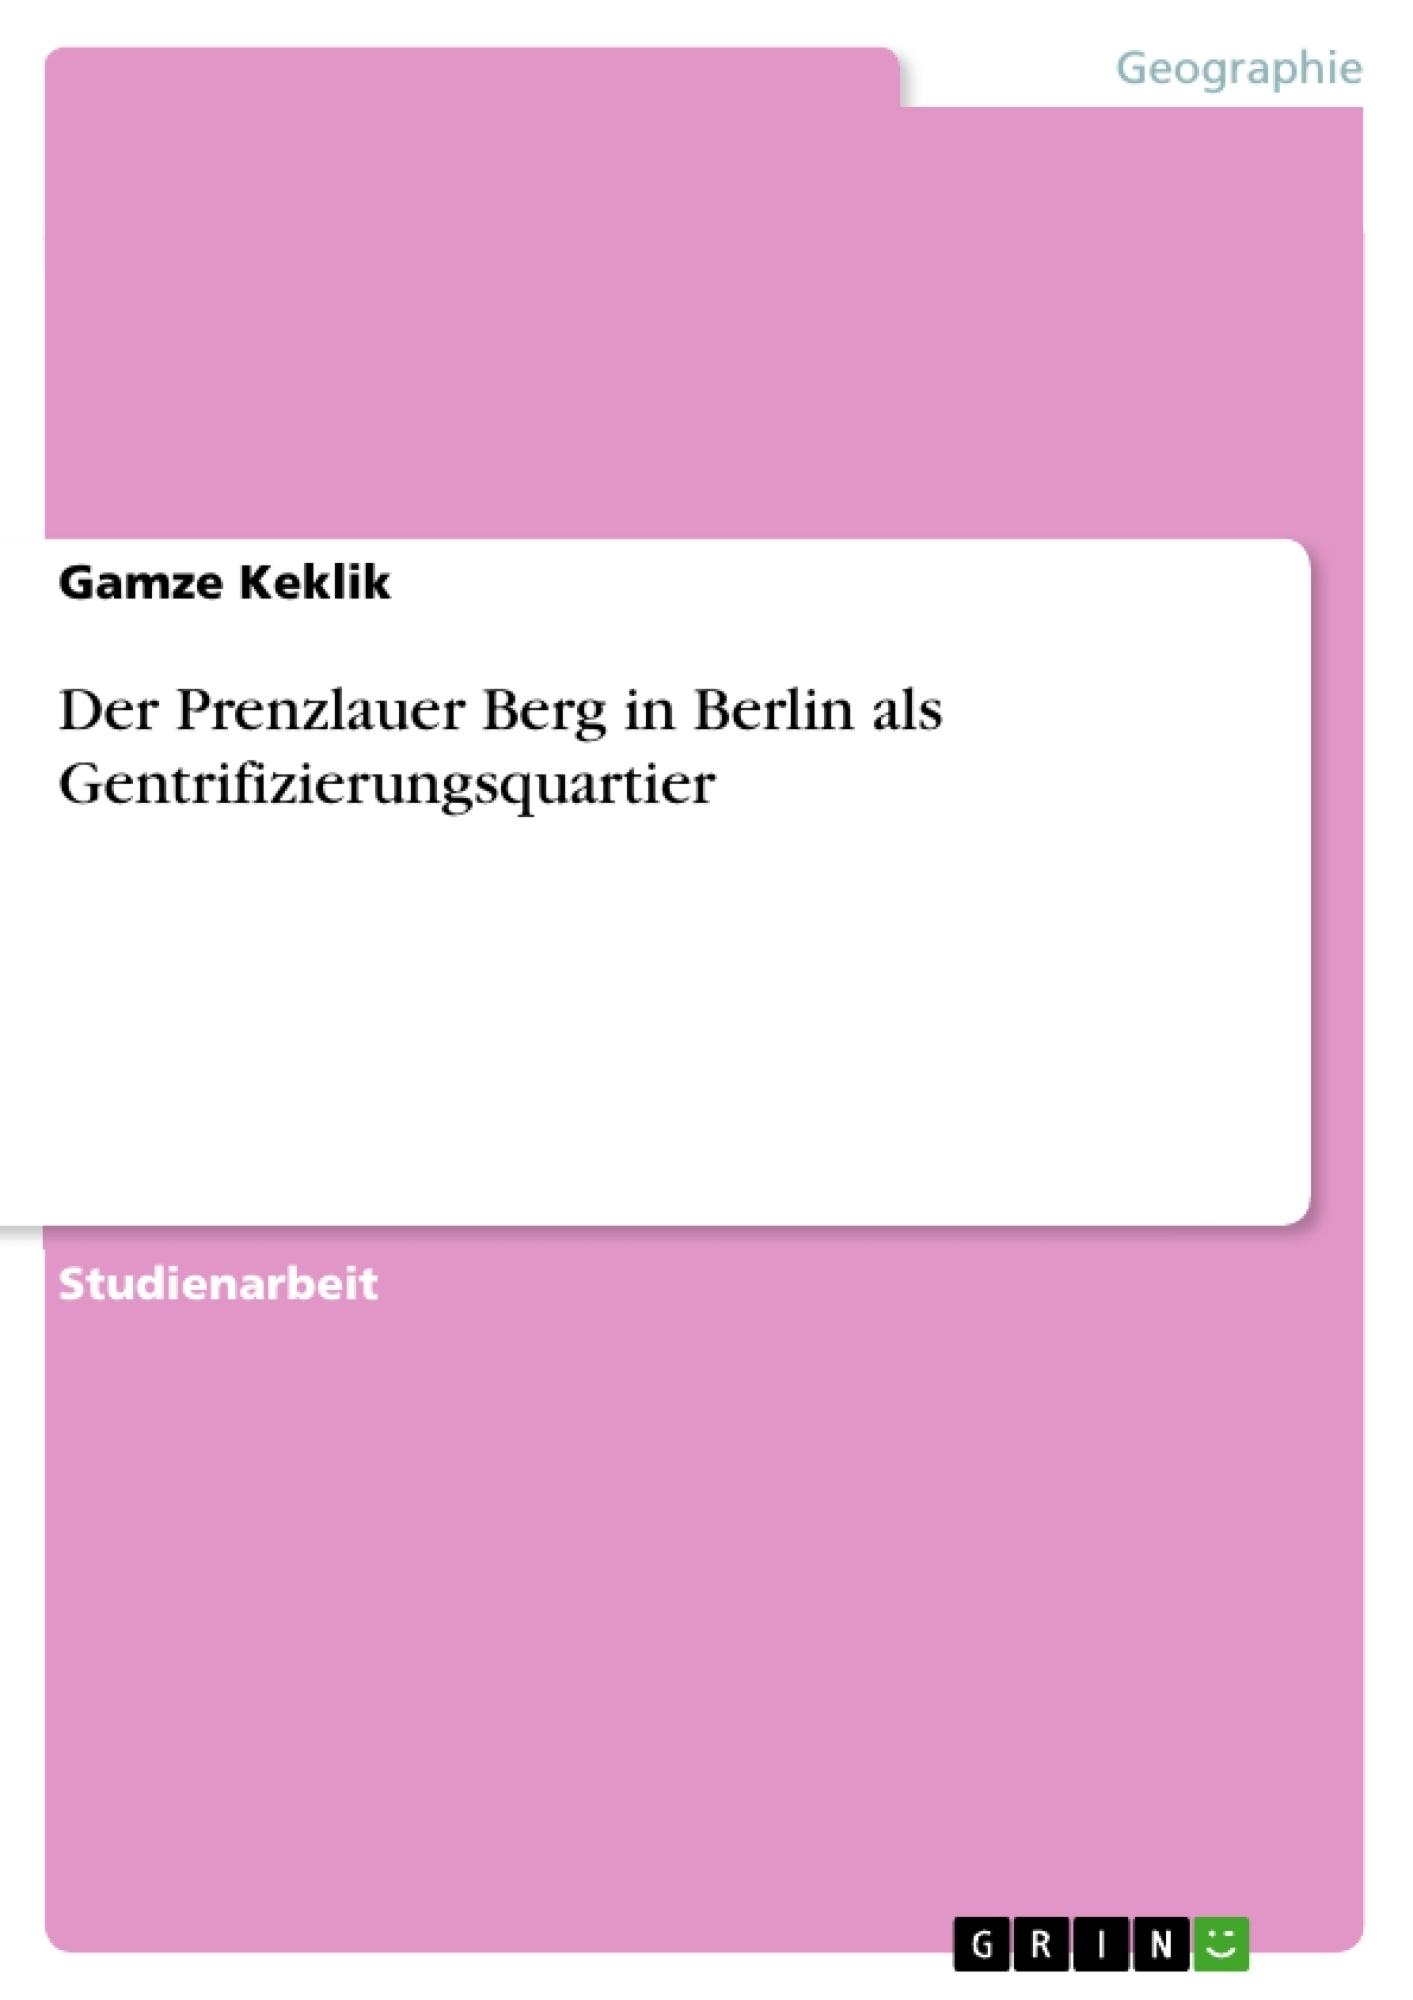 Titel: Der Prenzlauer Berg in Berlin als Gentrifizierungsquartier